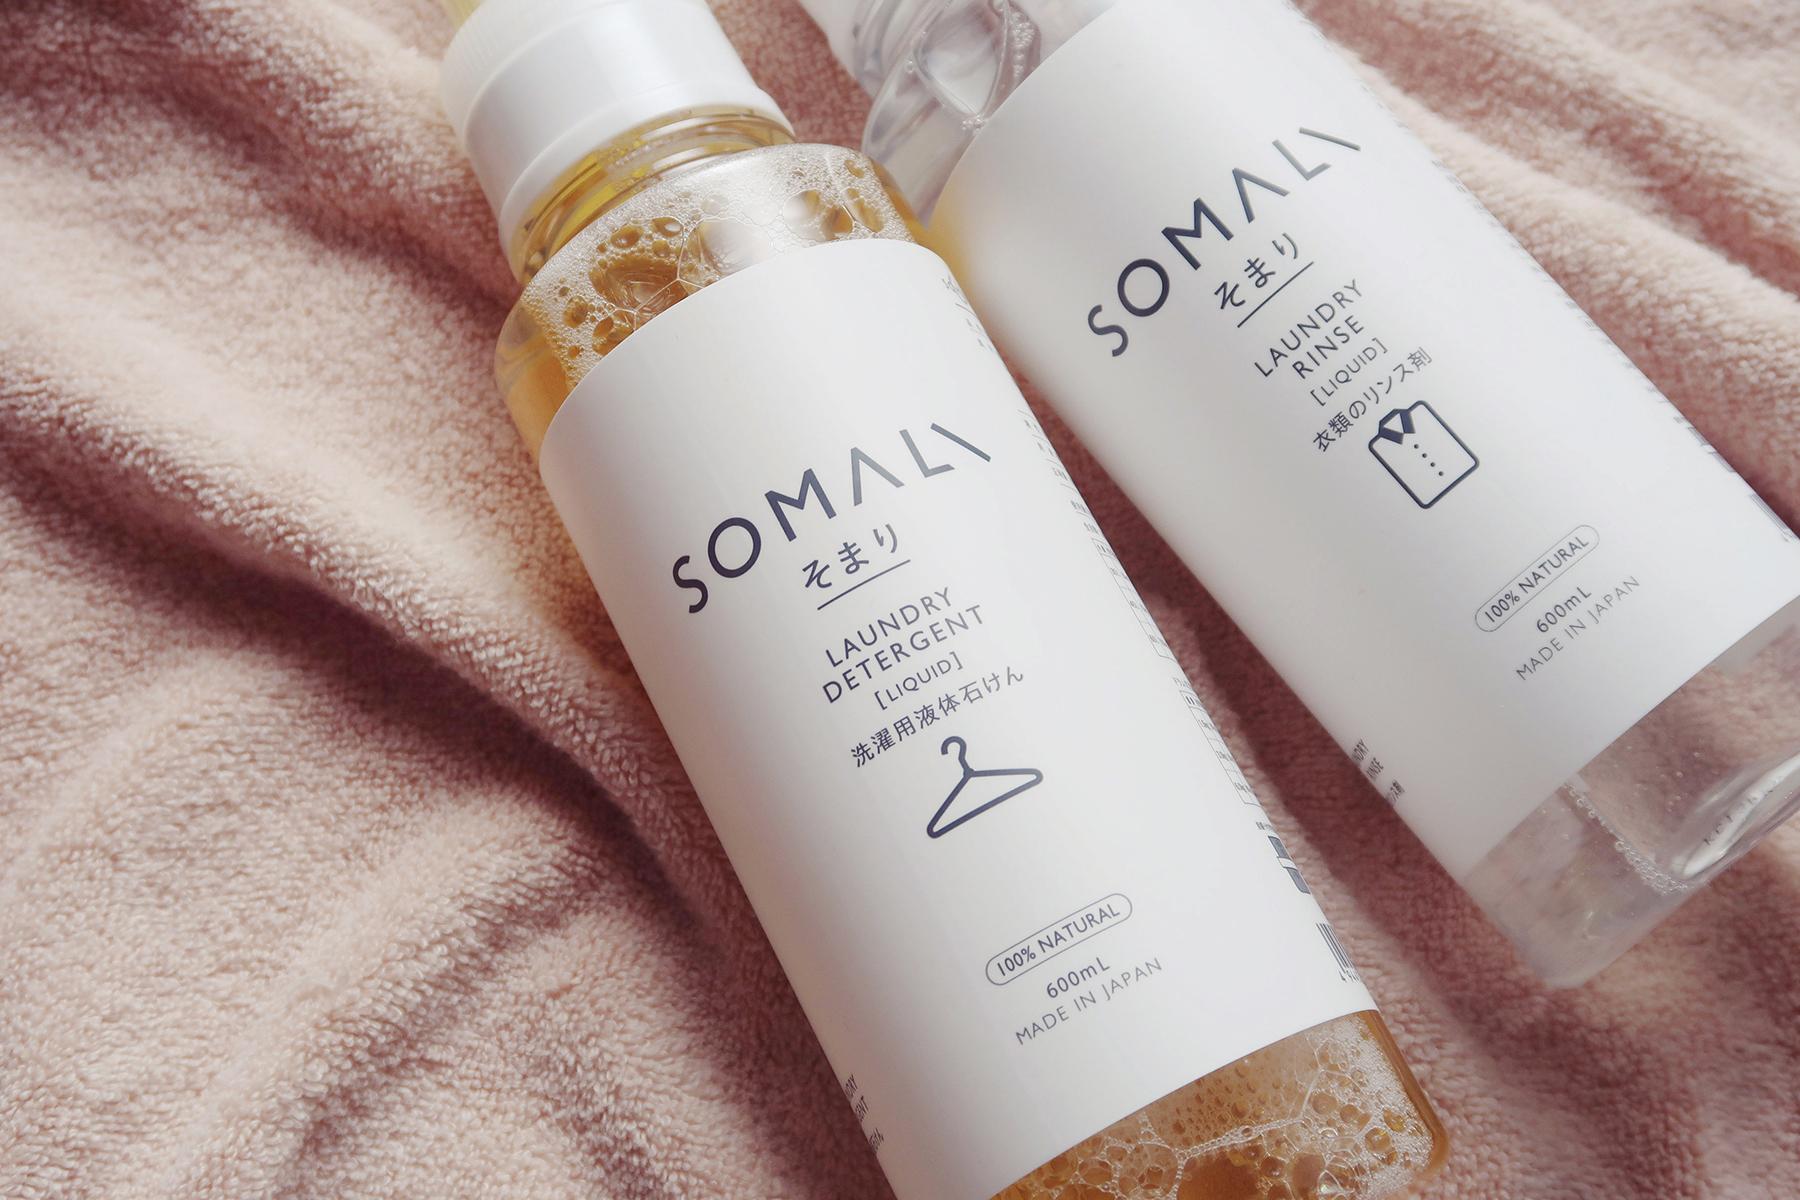 SOMALI液体洗濯石けん、衣類のリンス剤